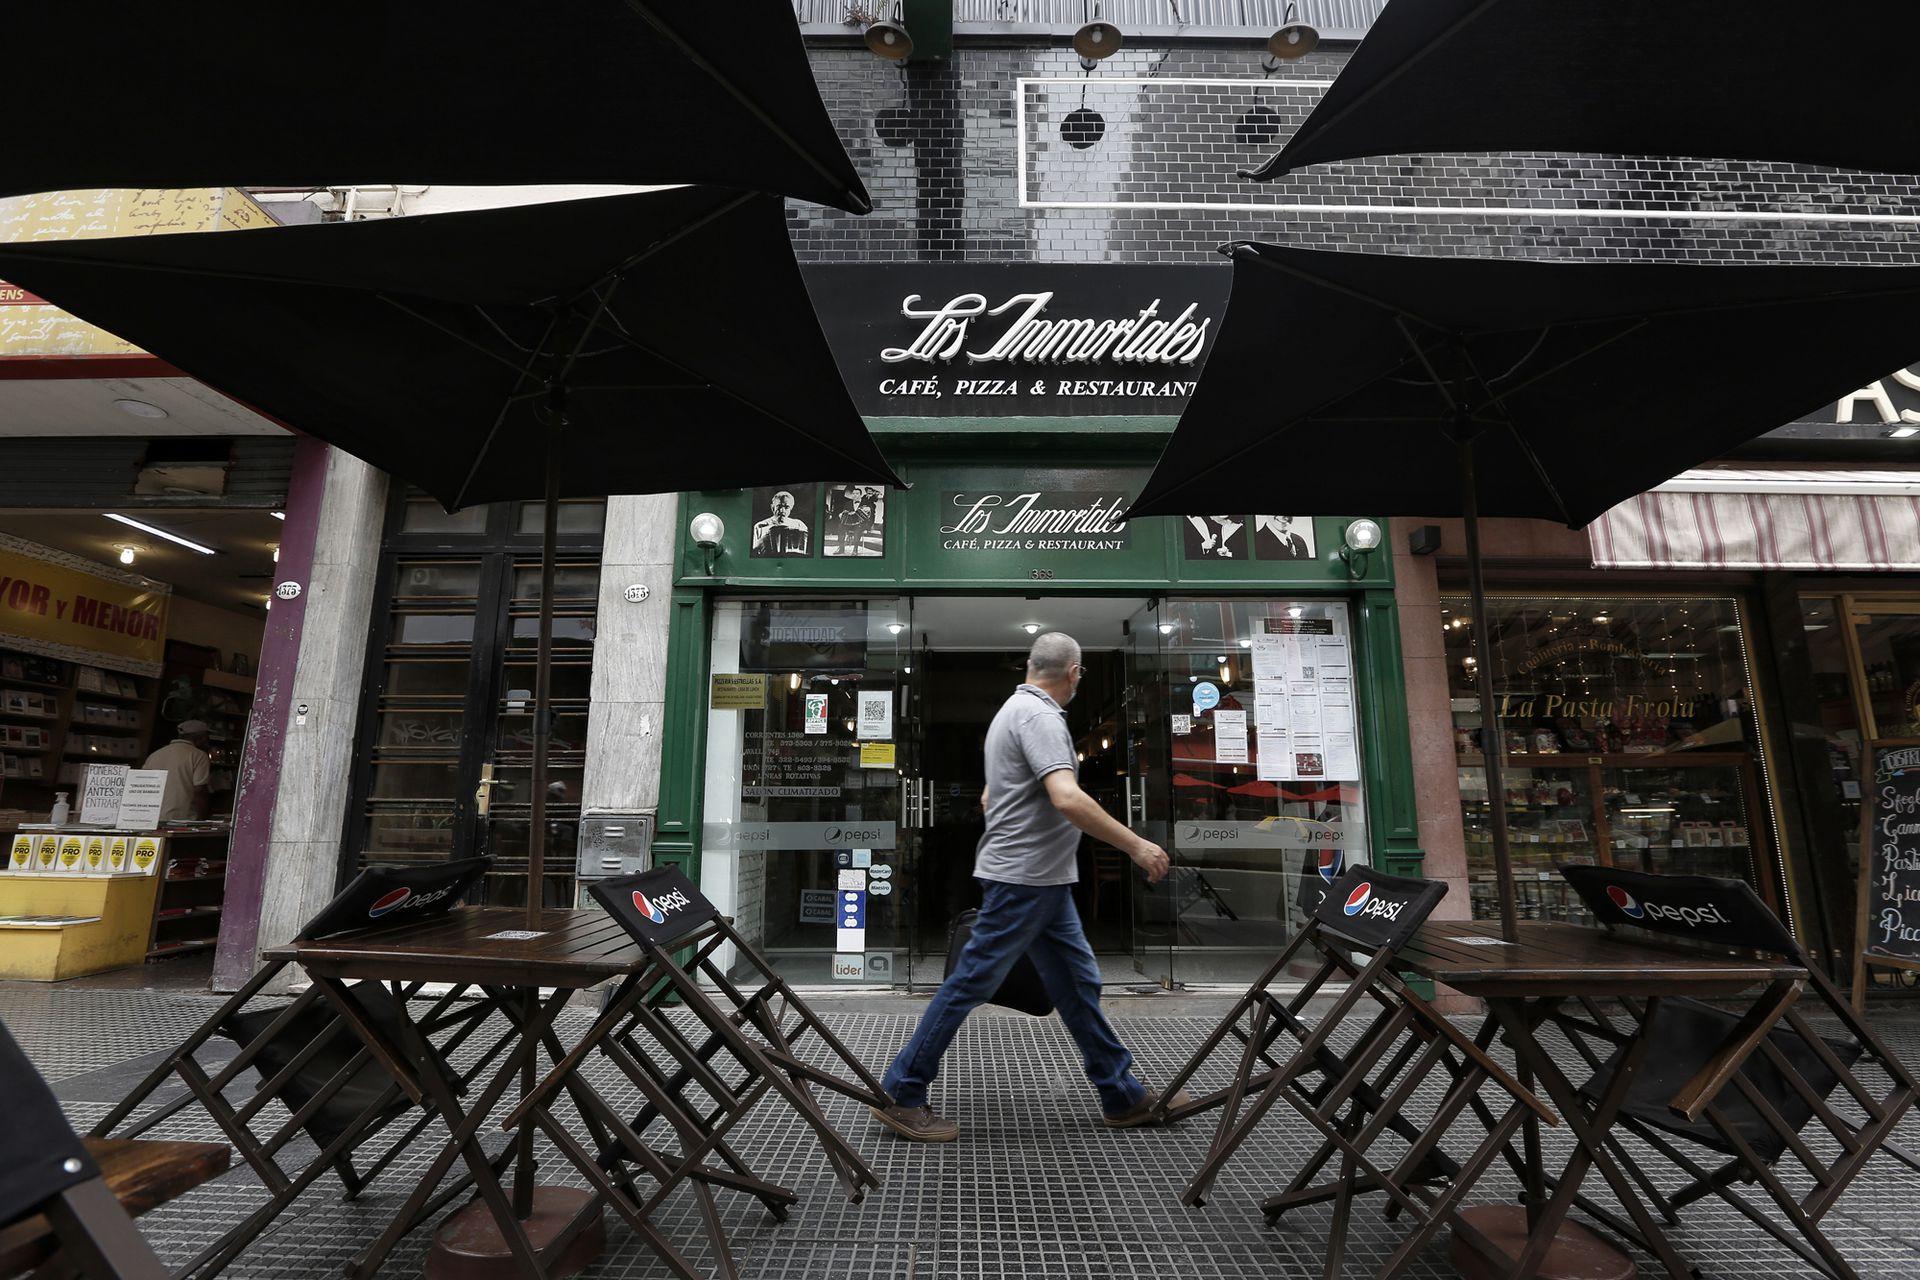 La sucursal de la pizzería Los Inmortales, sobre la Avenida Corrientes, servía 100 cubiertos por mediodía, y anteayer sirvió solo siete